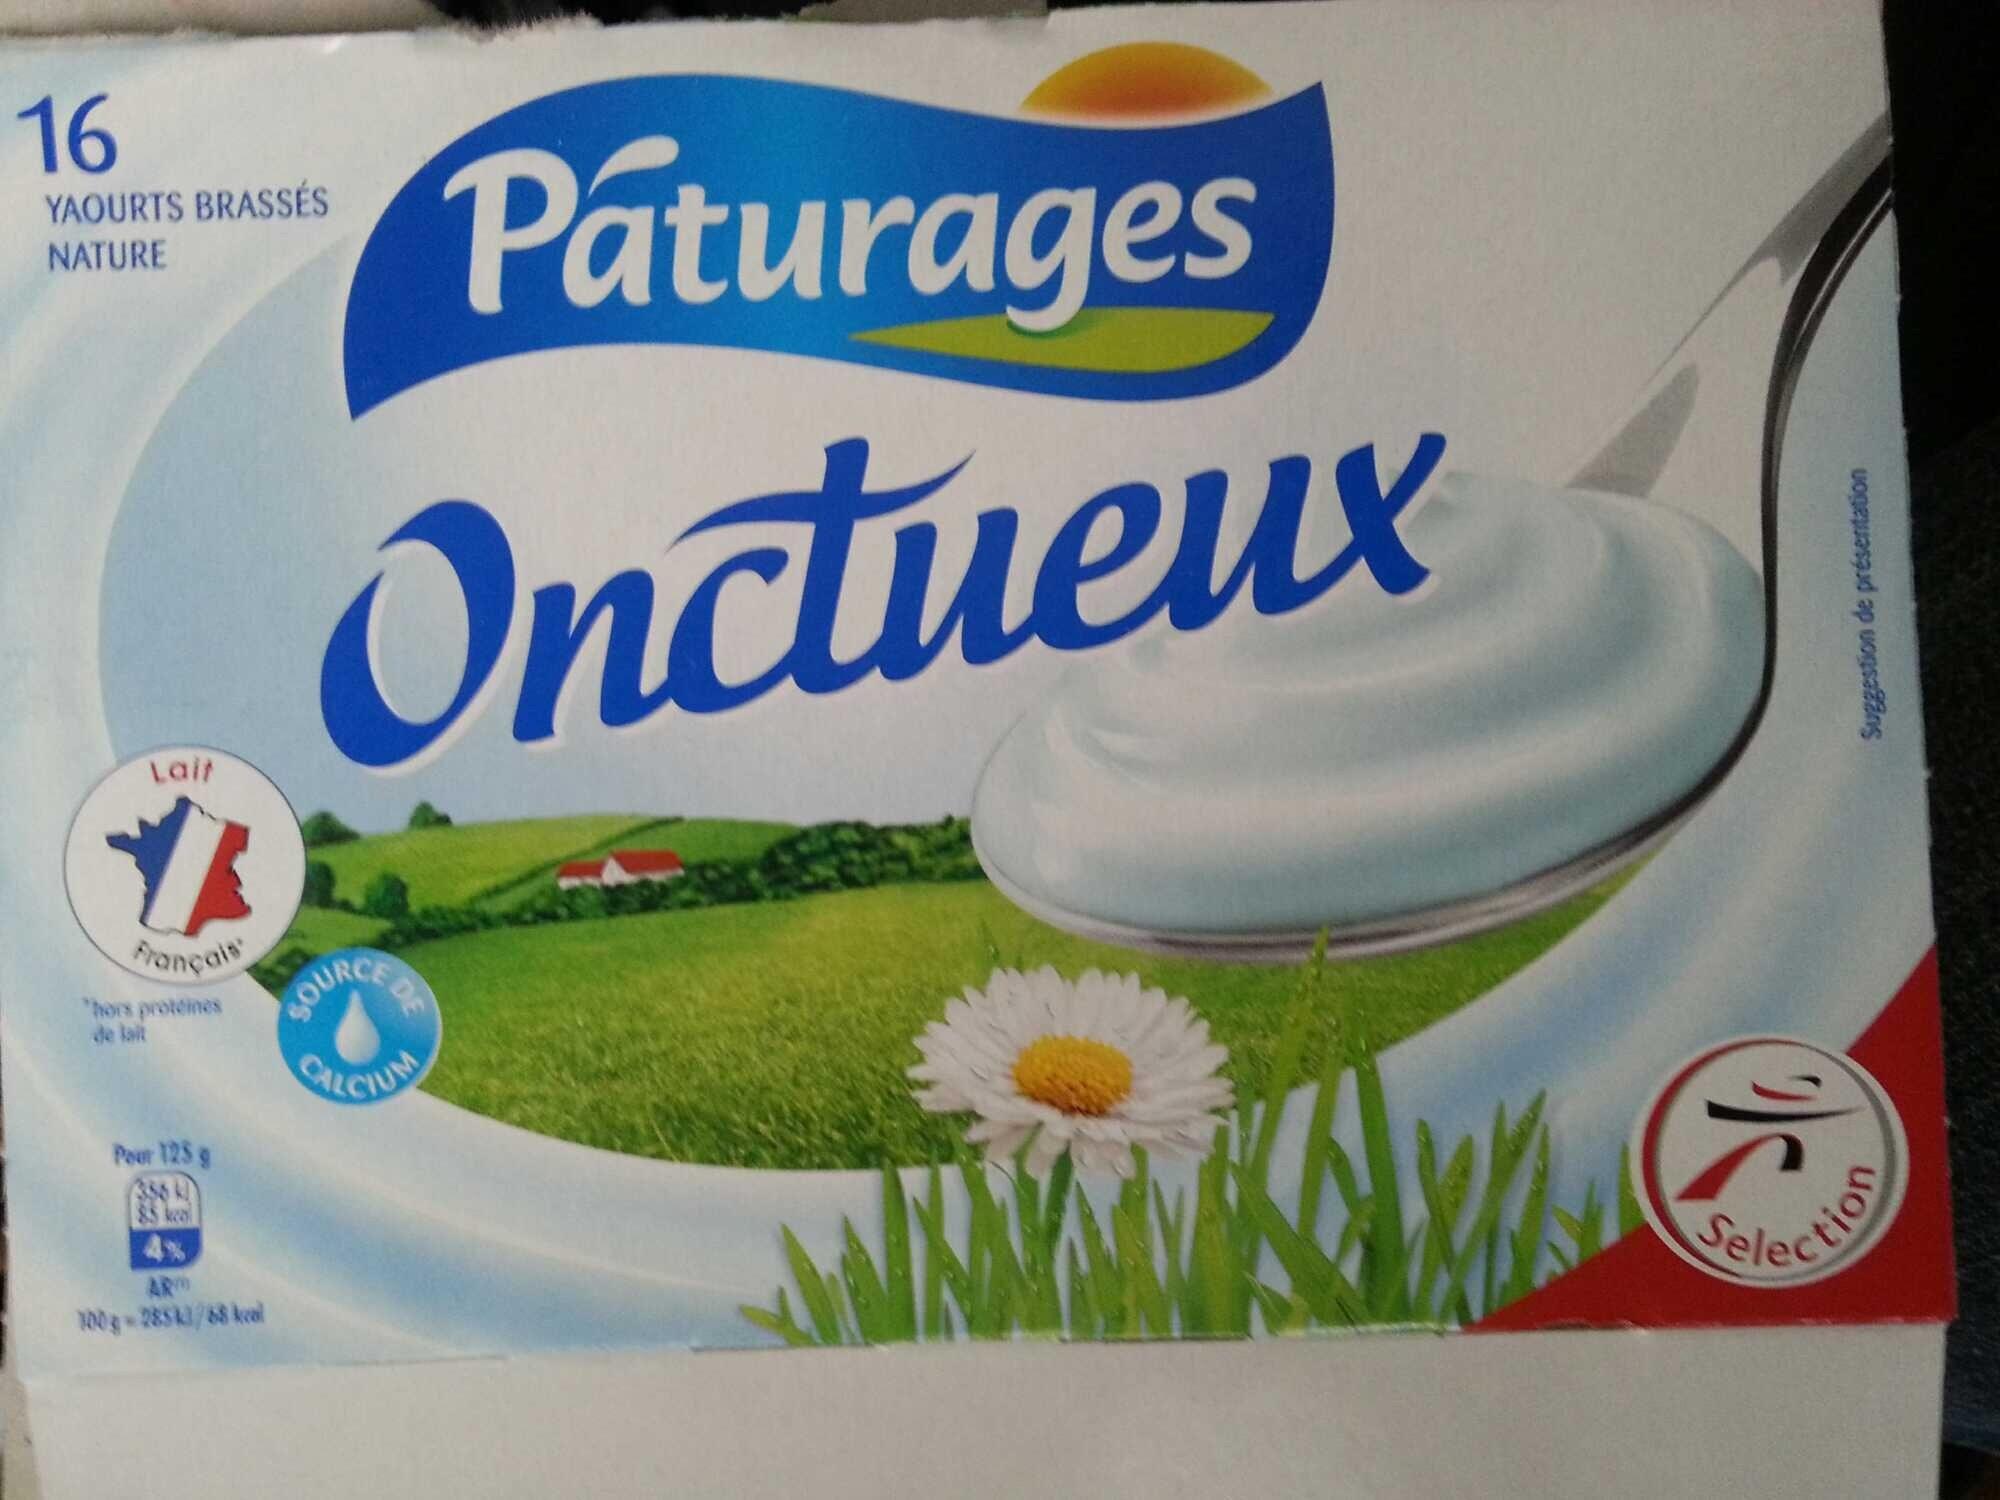 Onctueux - 16 Yaourts brassés nature - Produit - fr